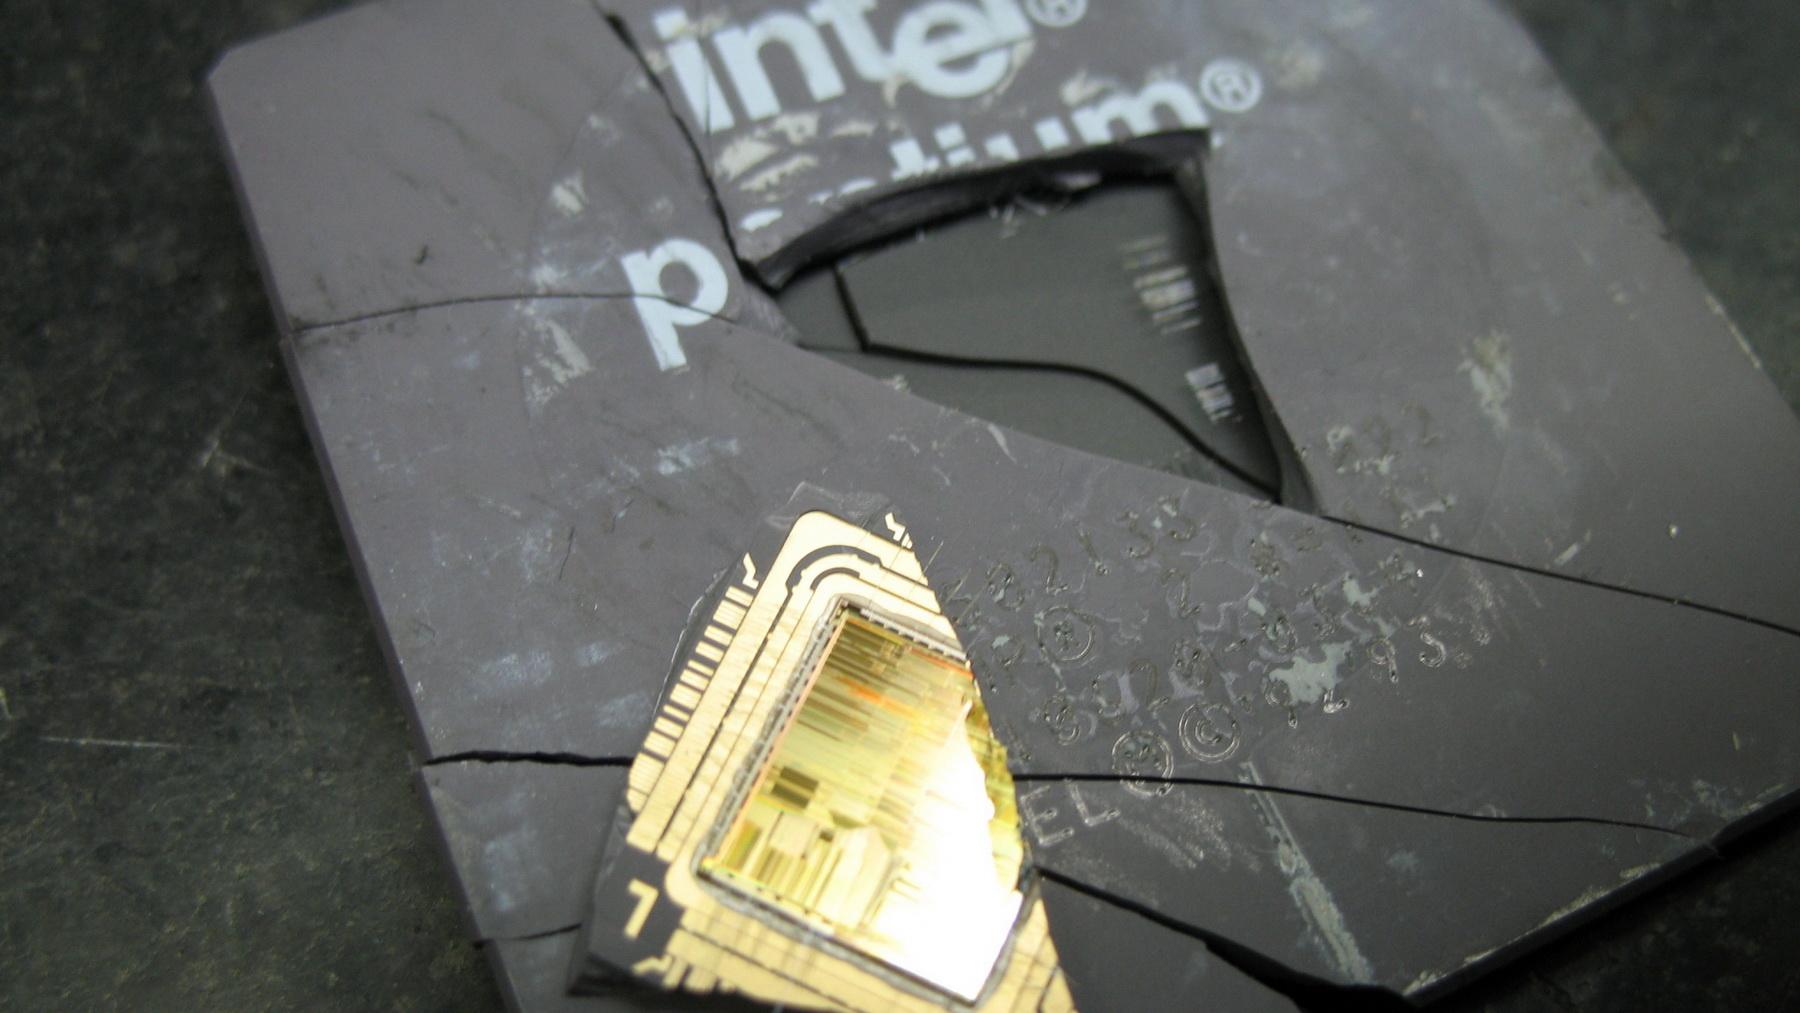 Компания Intel признала, что уязвимости Meltdown и Spectre не могут быть исправлены для ряда процессоров